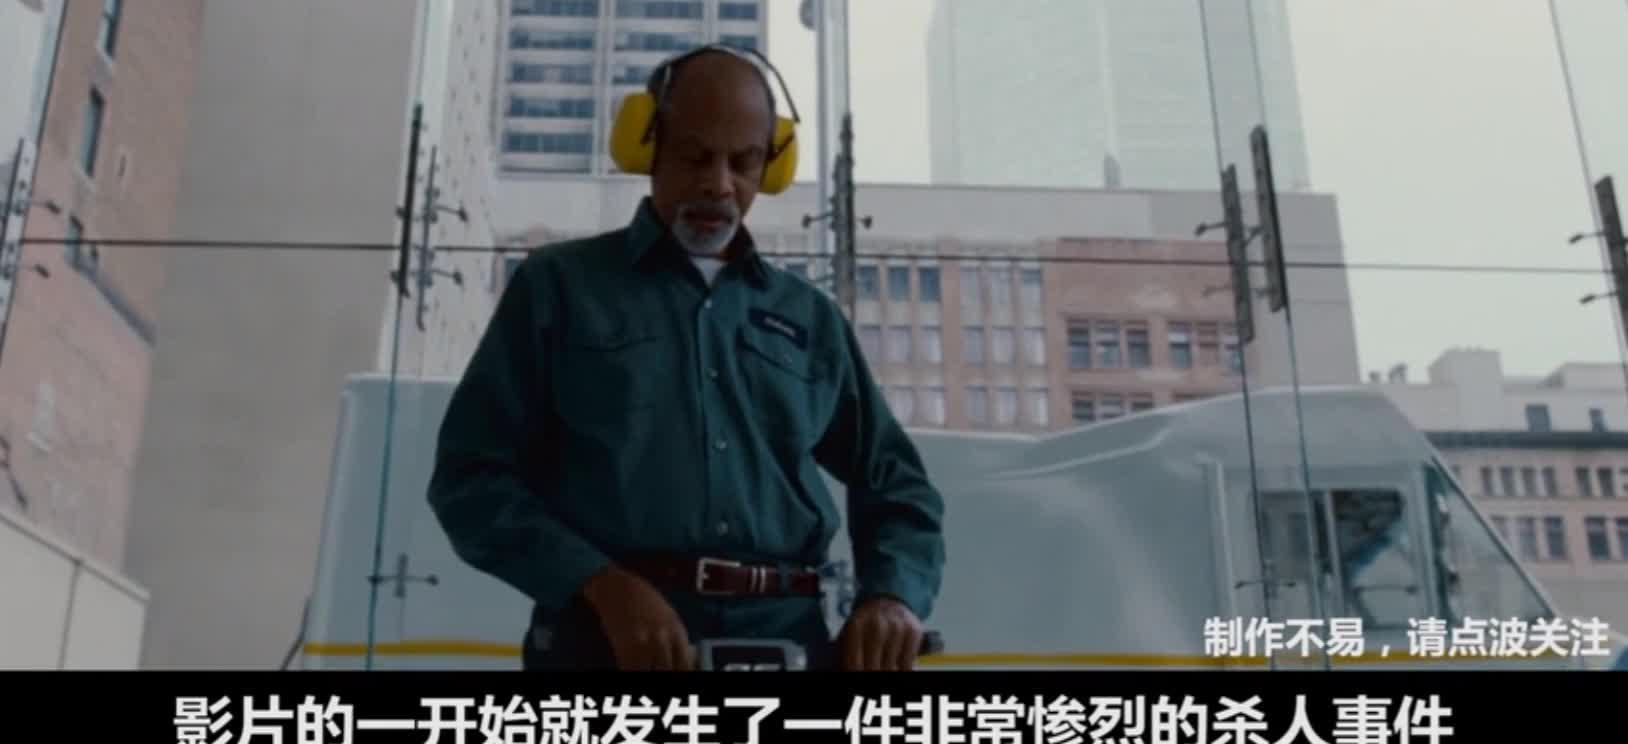 #经典看电影#摩天大楼突然掉下一个人是谋杀吗